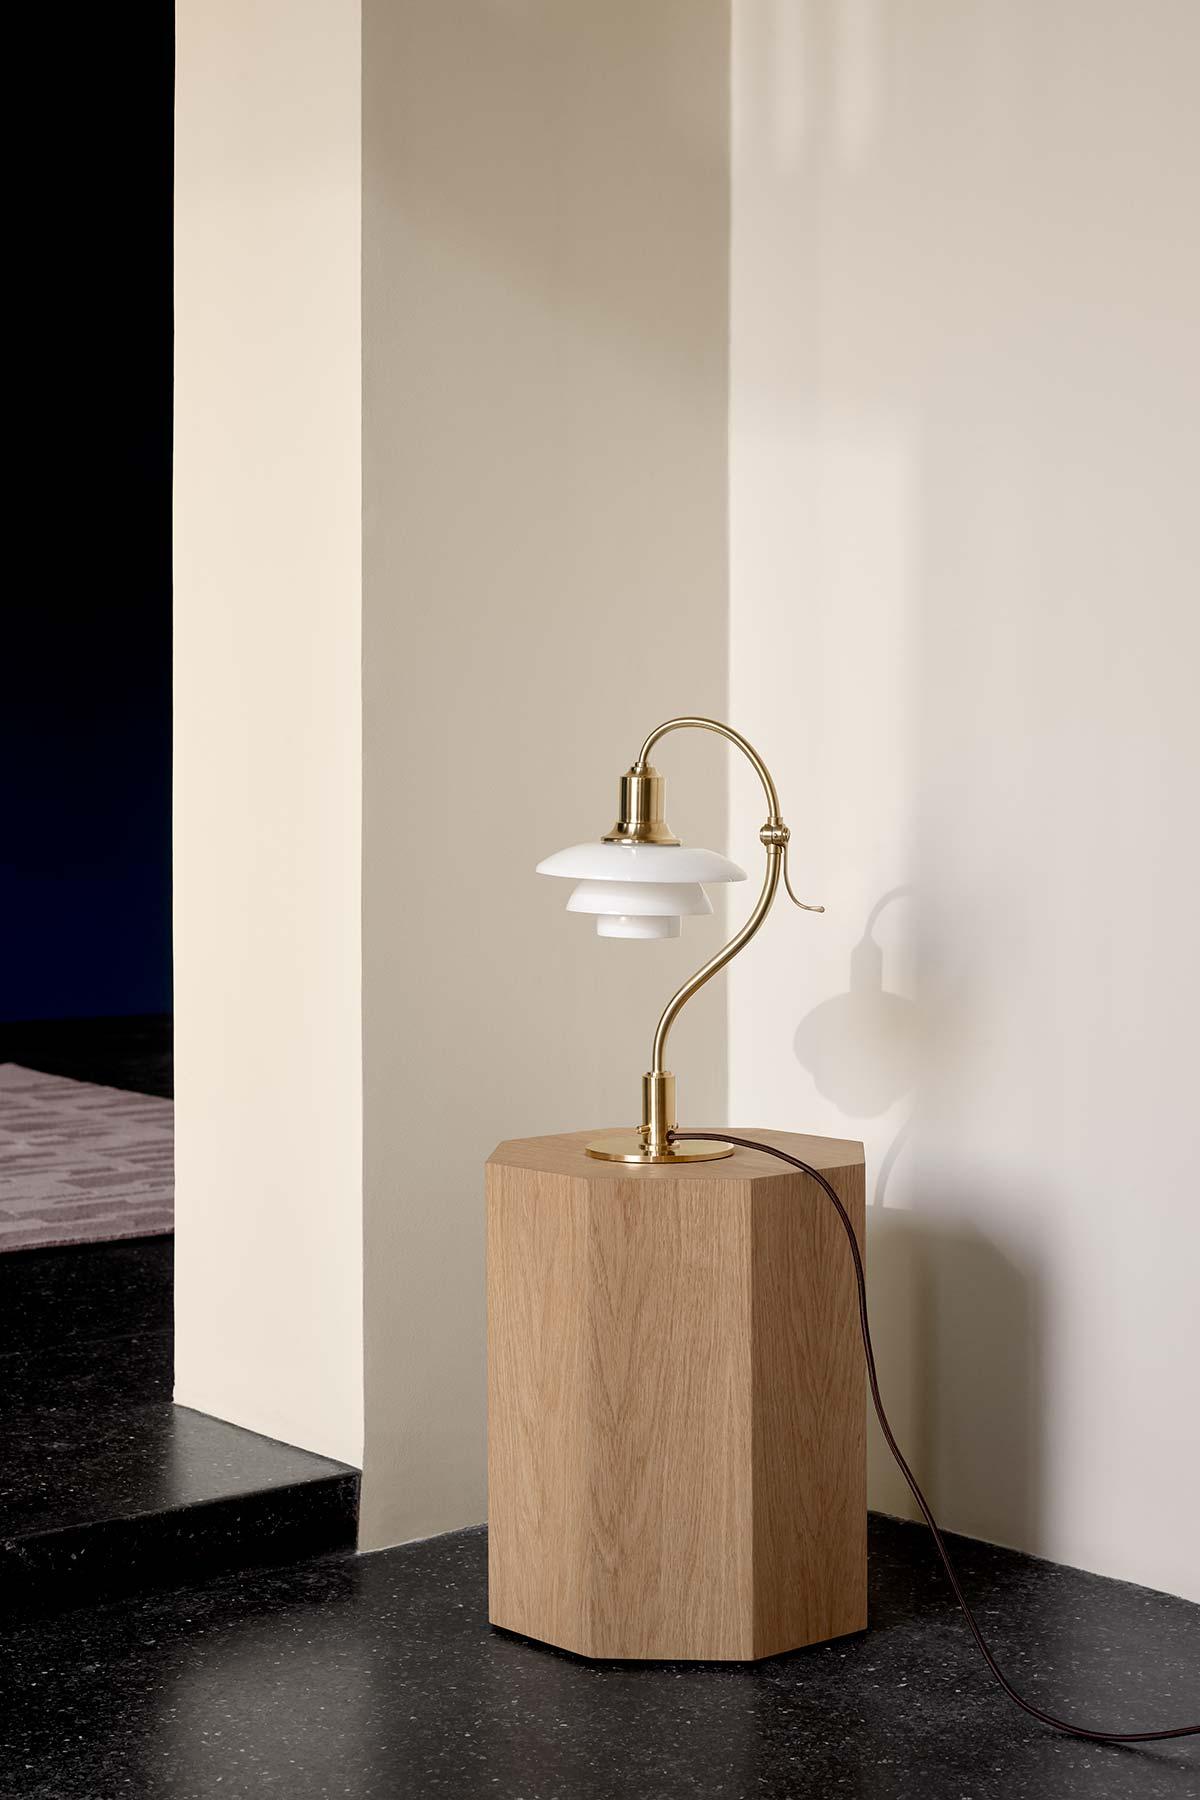 PH2/2 Question Mark by Louis Poulsen, Design Poul Henningsen